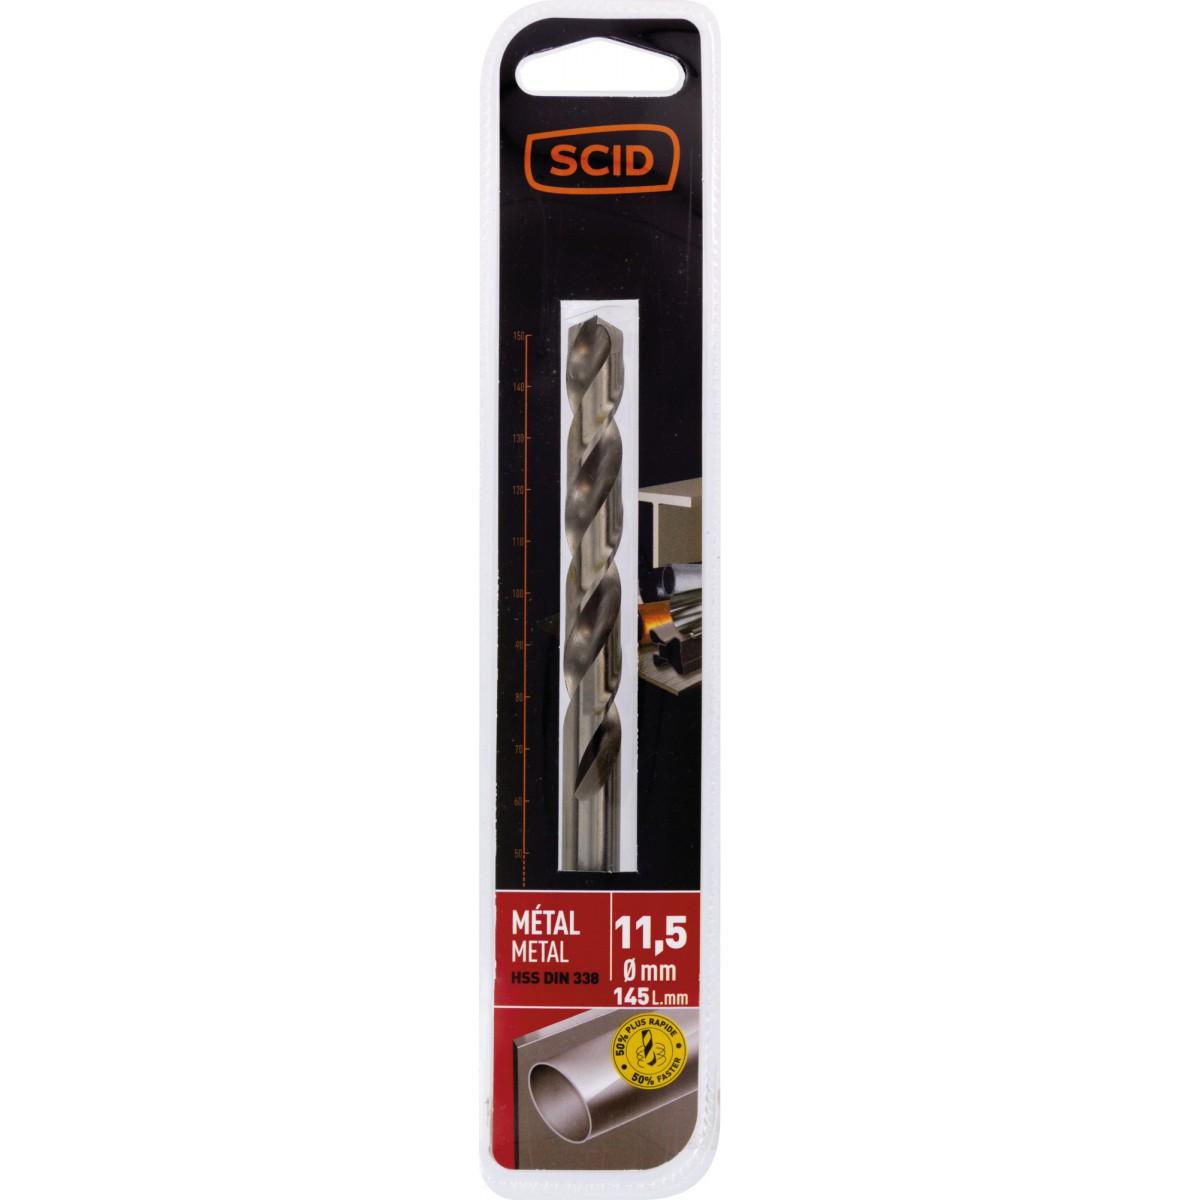 Foret métal HSS din 338 SCID - Longueur 145 mm - Diamètre 11,5 mm - Vendu par 1